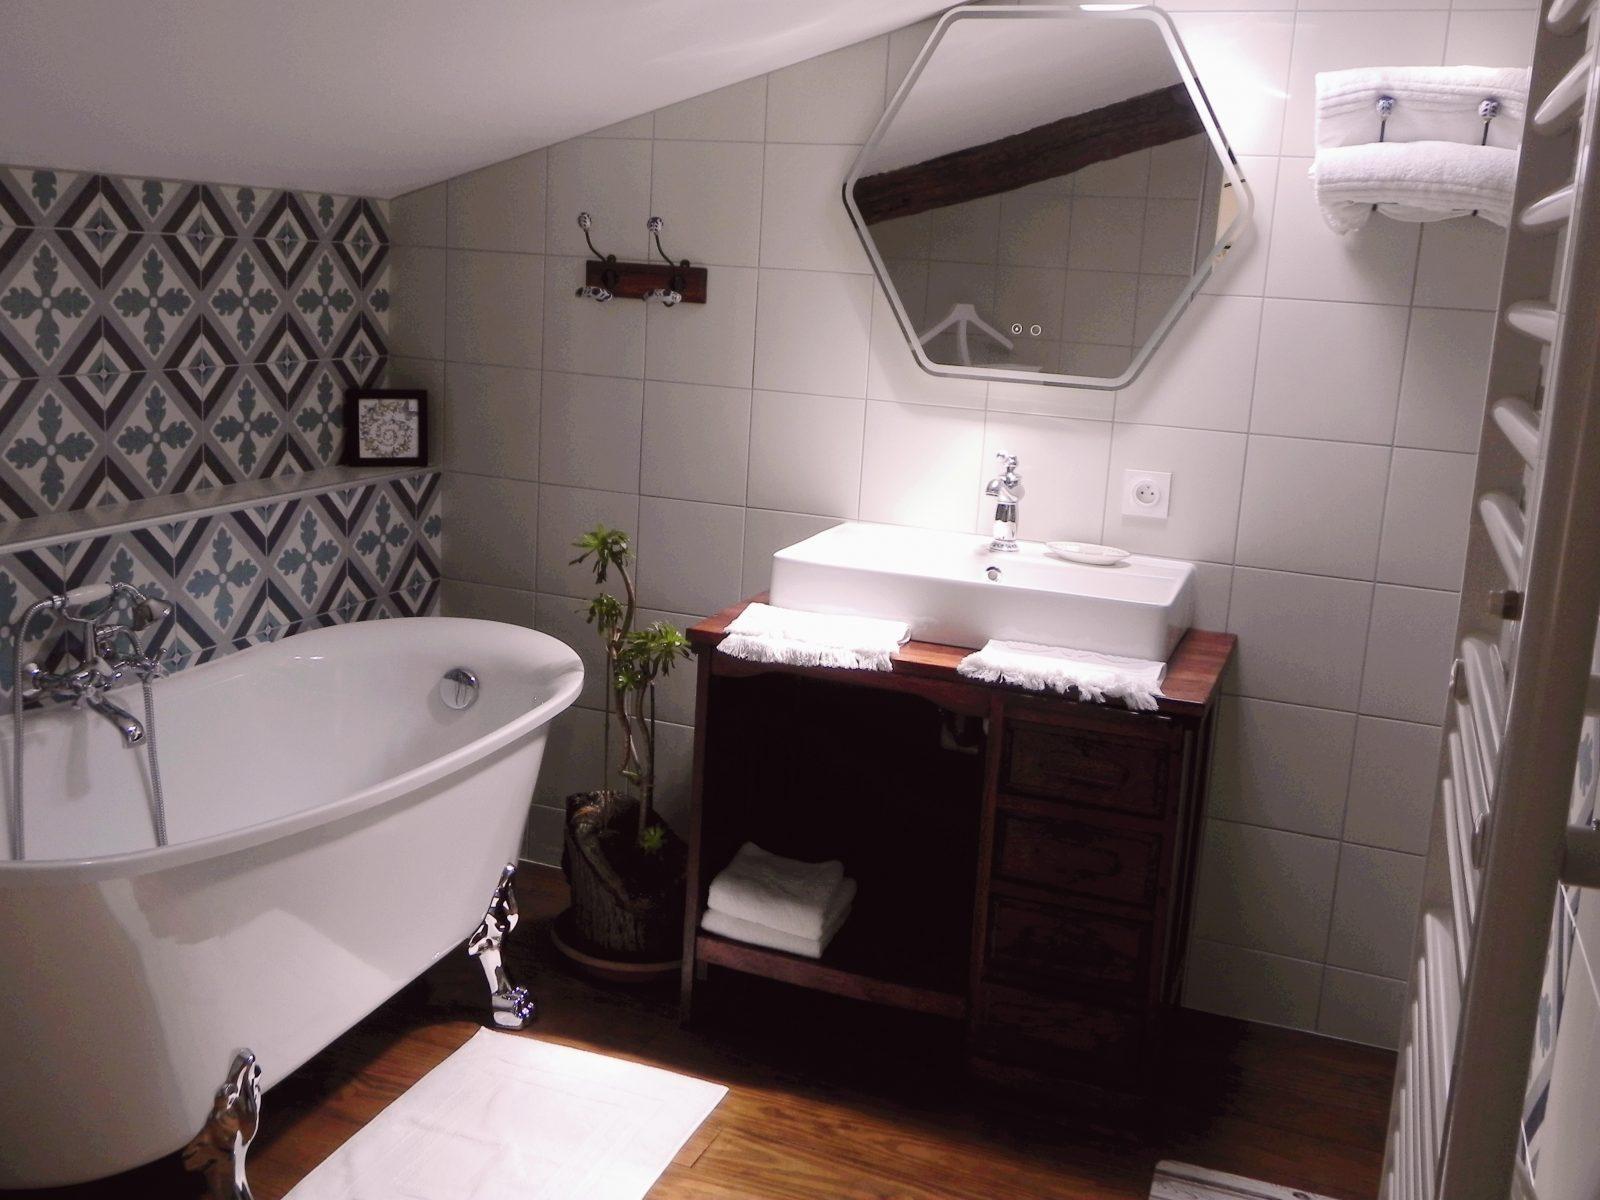 salle-de-bain-chambre-La bordelaise-Domaine de Garat copie